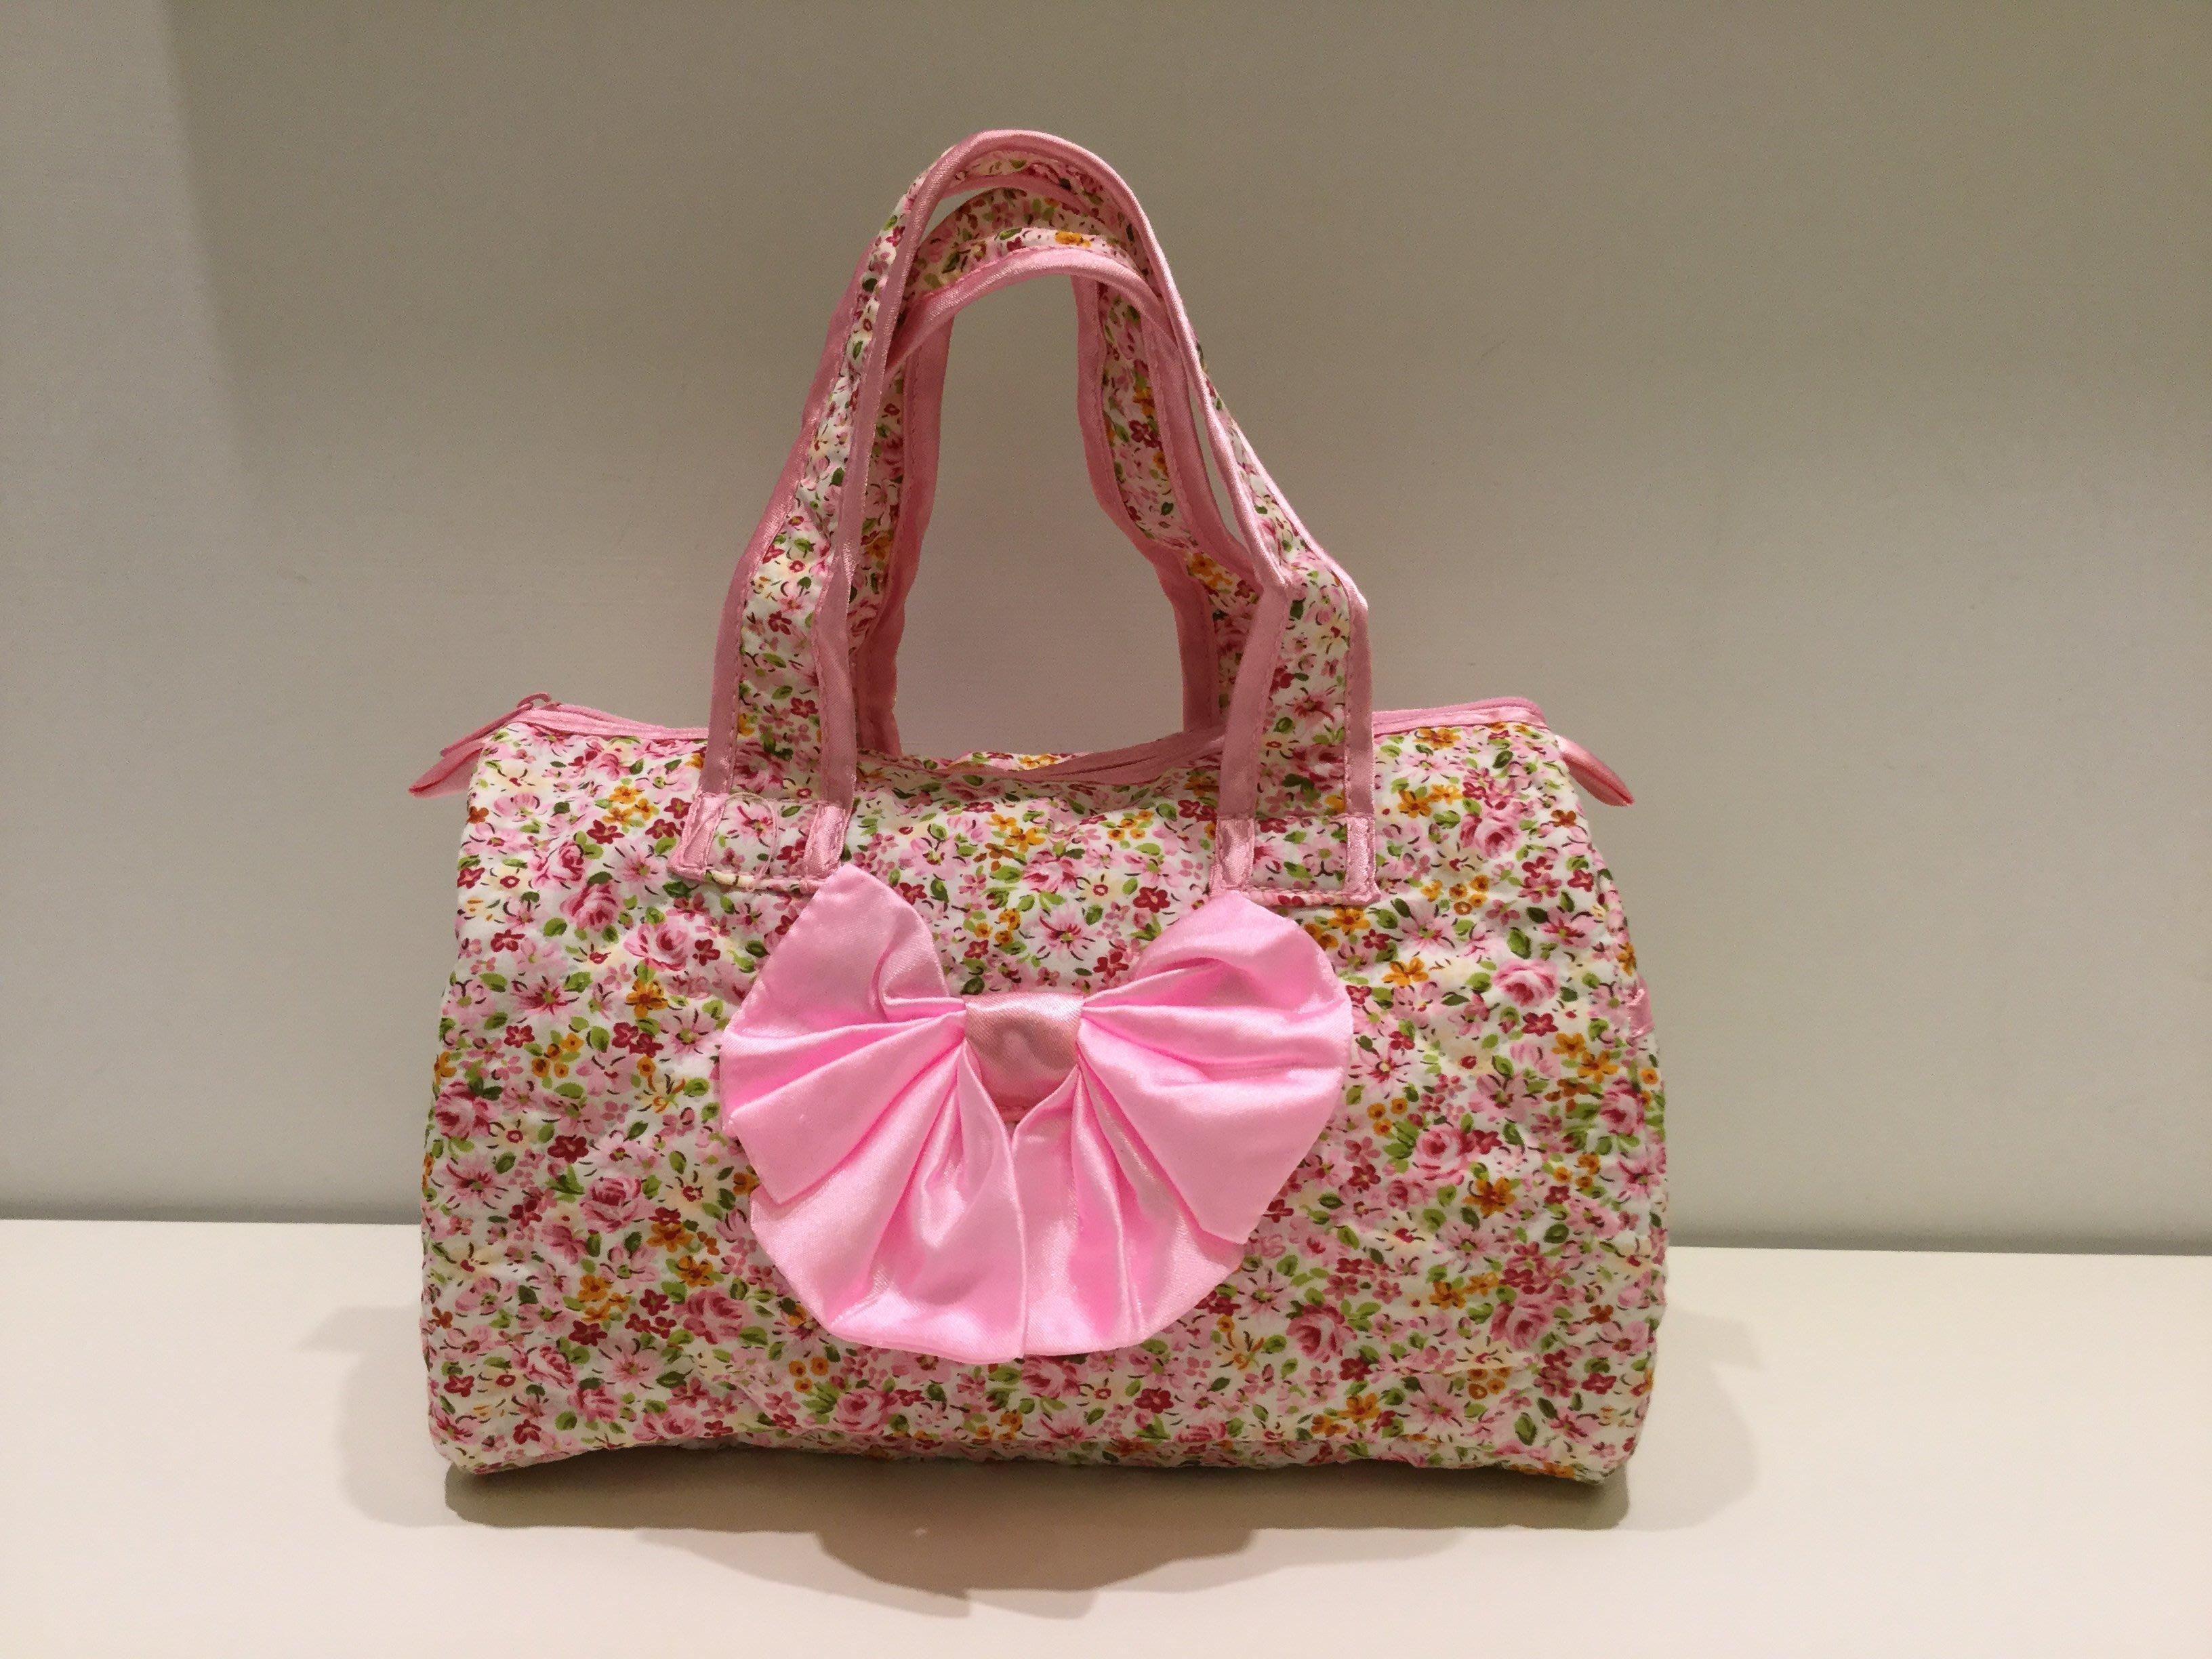 PureThai台灣製造曼谷手提包 曼谷包 波士頓包 化妝包 提袋-小碎花